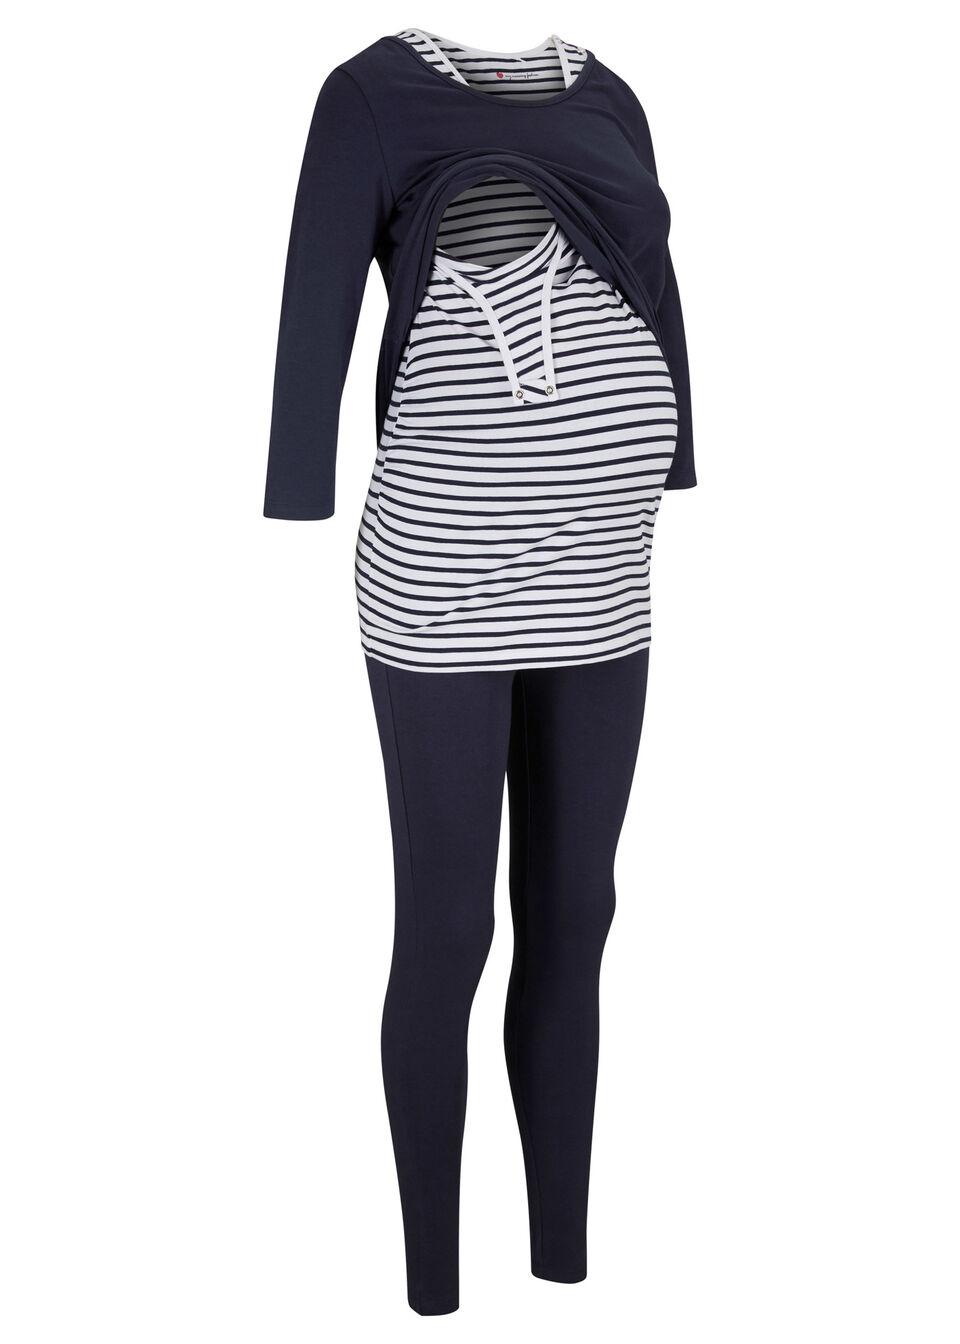 Komplet ciążowy: top + shirt + legginsy (3 części), bawełna organiczna bonprix ciemnoniebieski